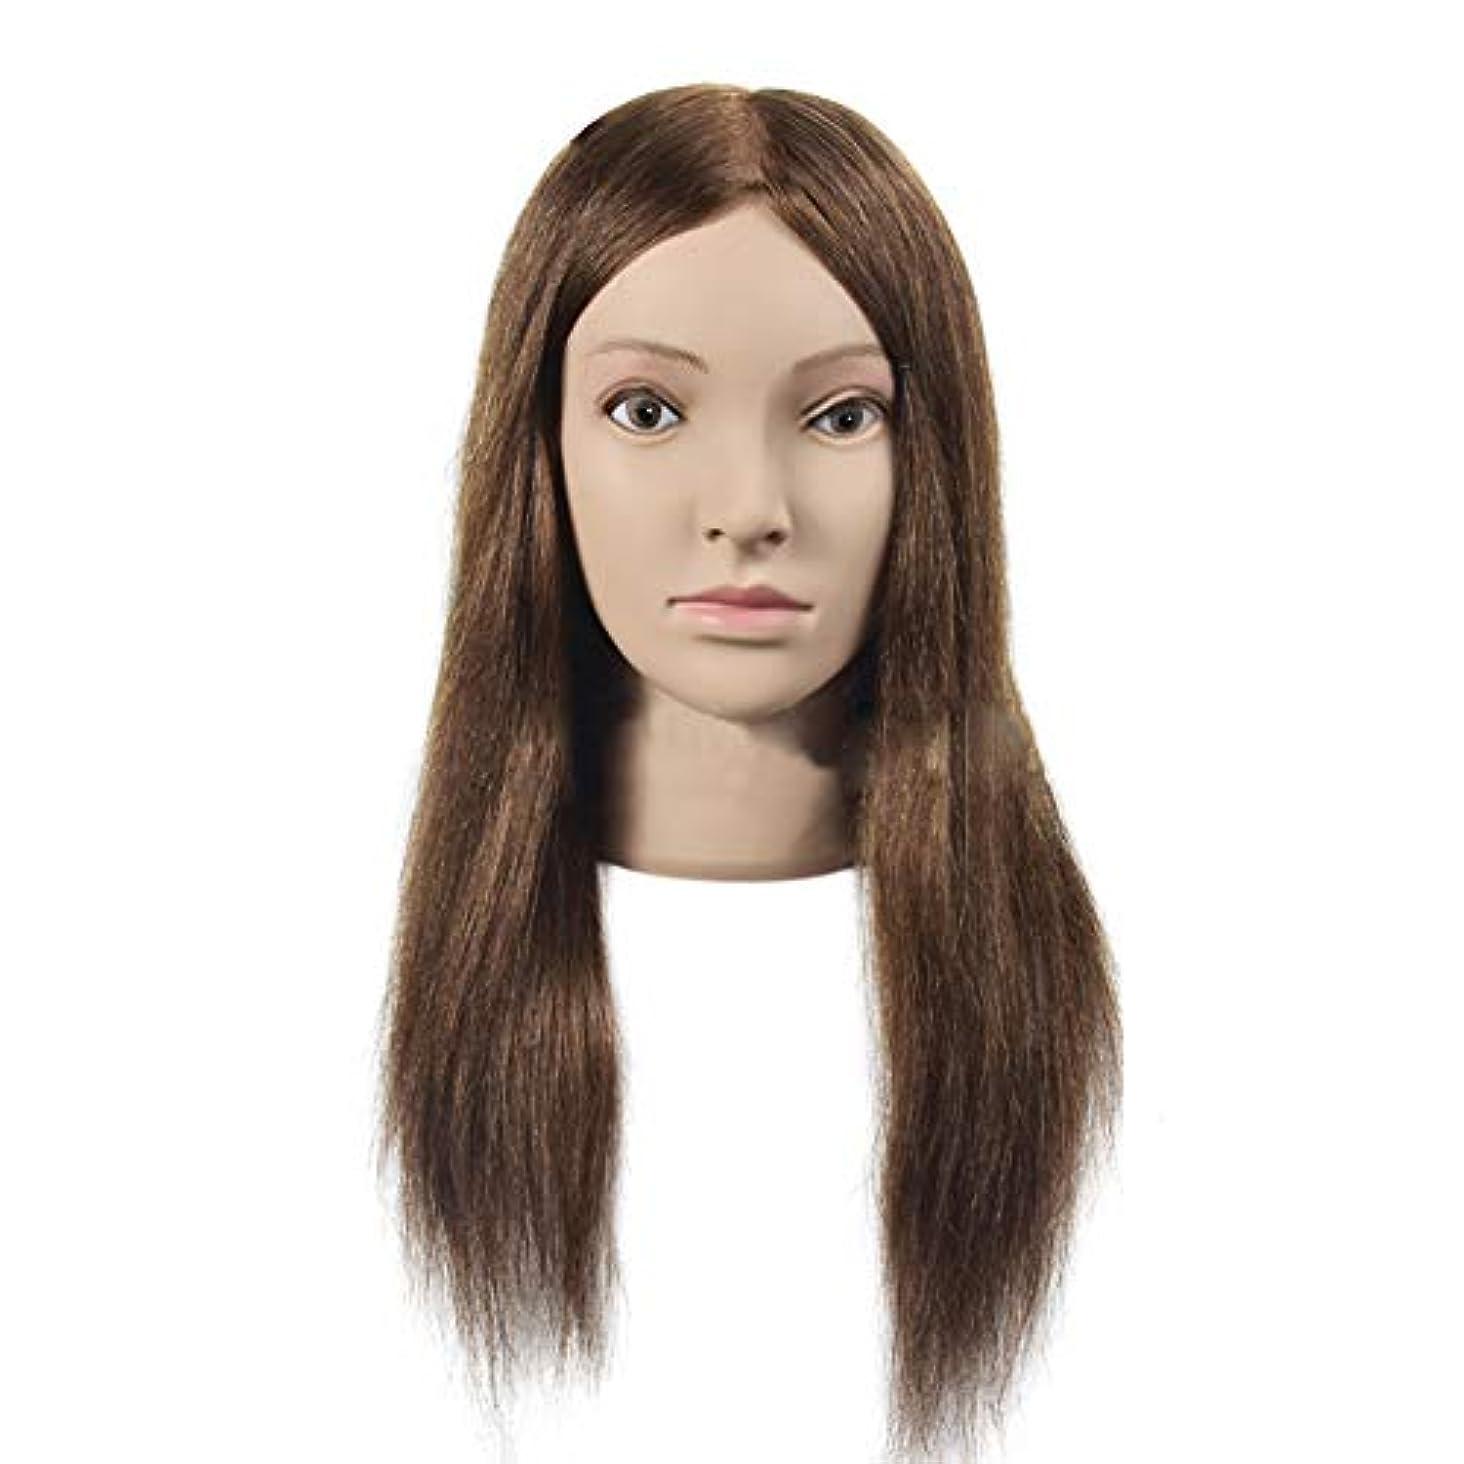 吸うハイブリッドコーヒー専門の練習ホット染色漂白はさみモデリングマネキン髪編組髪かつら女性モデルティーチングヘッド